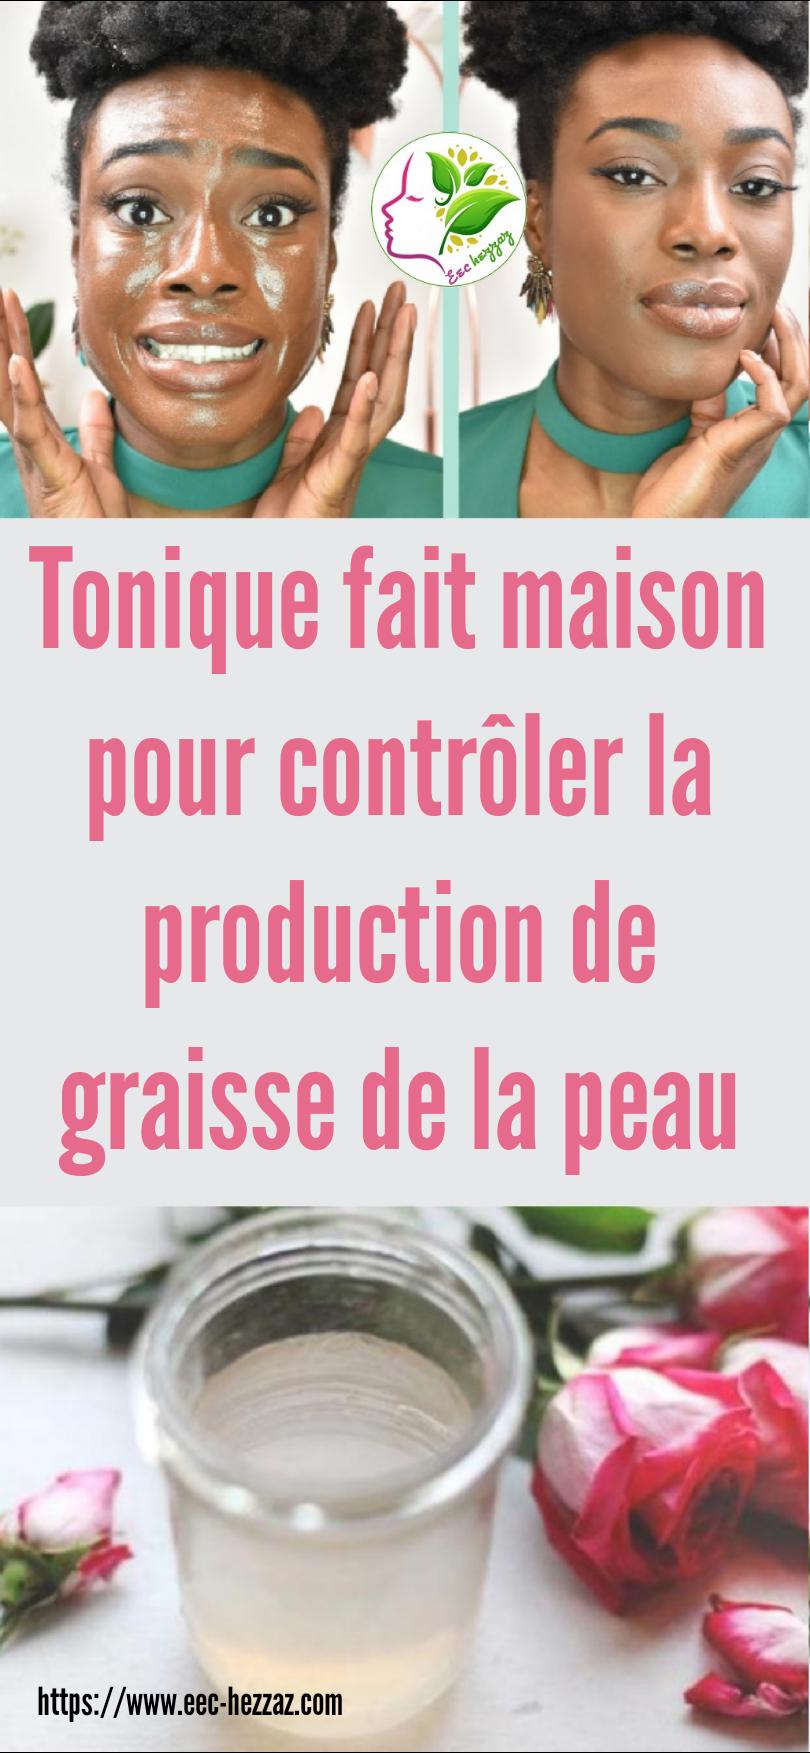 Tonique fait maison pour contrôler la production de graisse de la peau